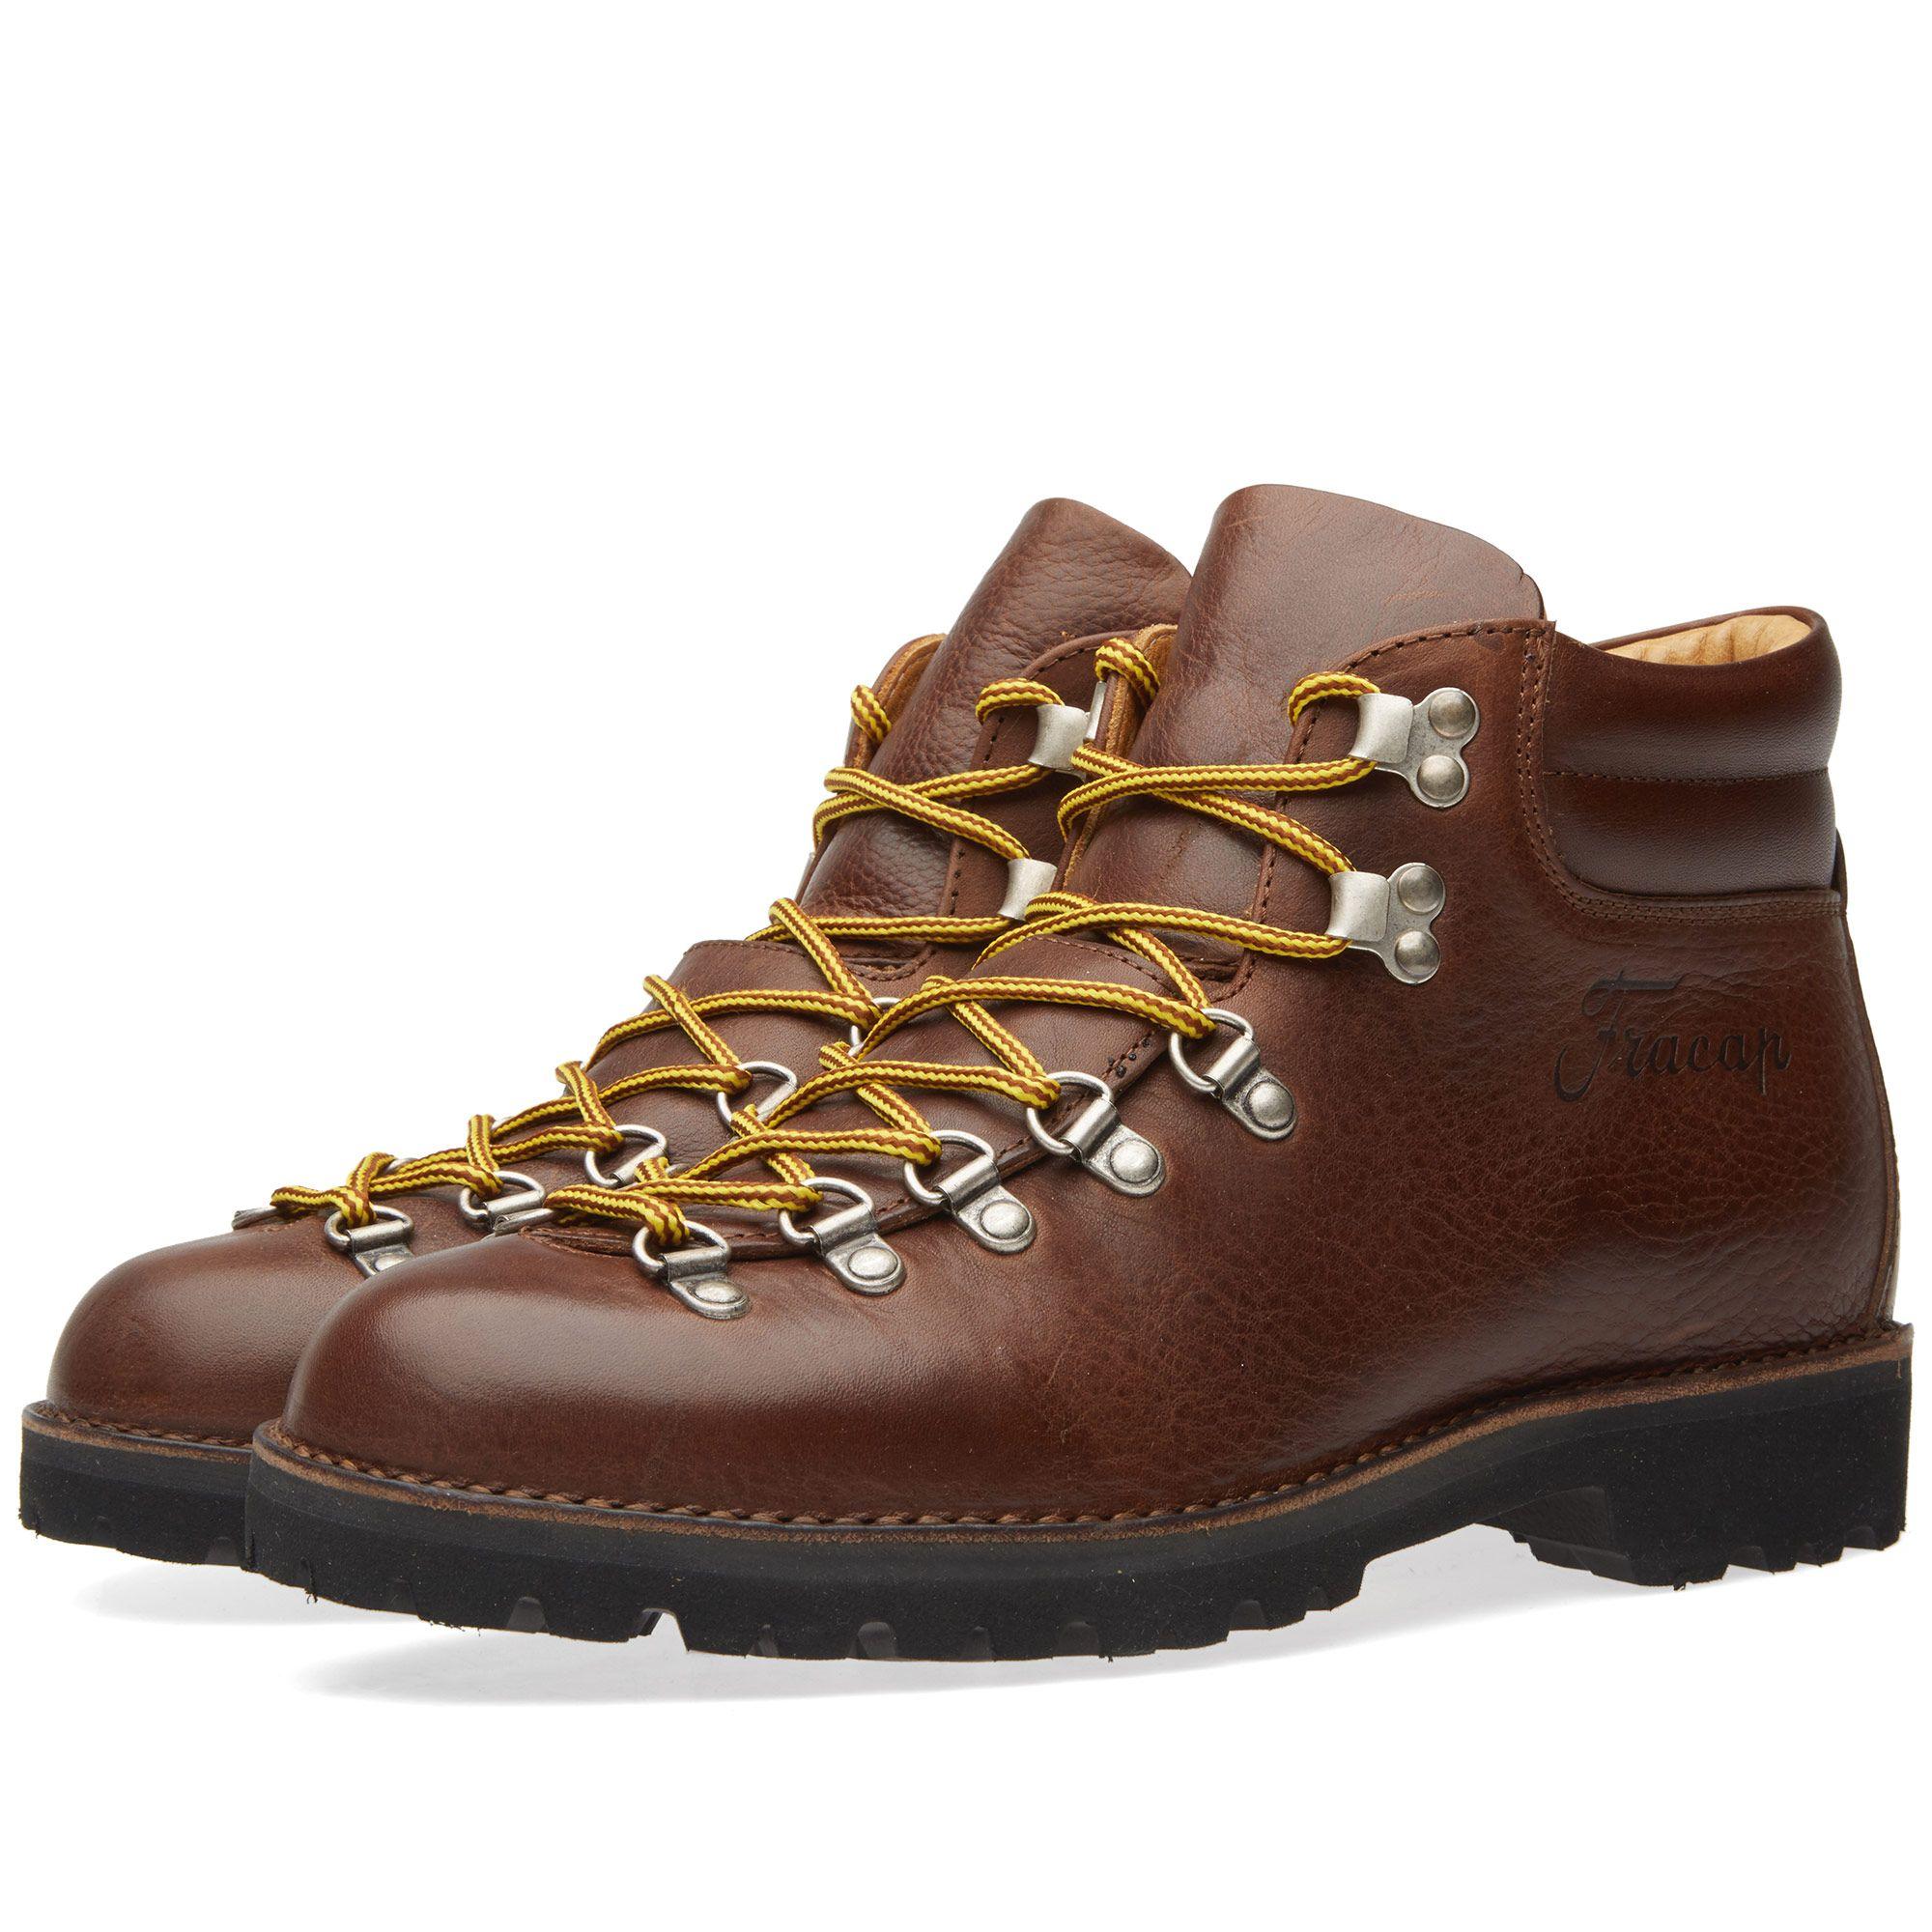 e623047c47f Fracap M127 Roccia Vibram Sole Scarponcino Boot | Boots | Boots ...